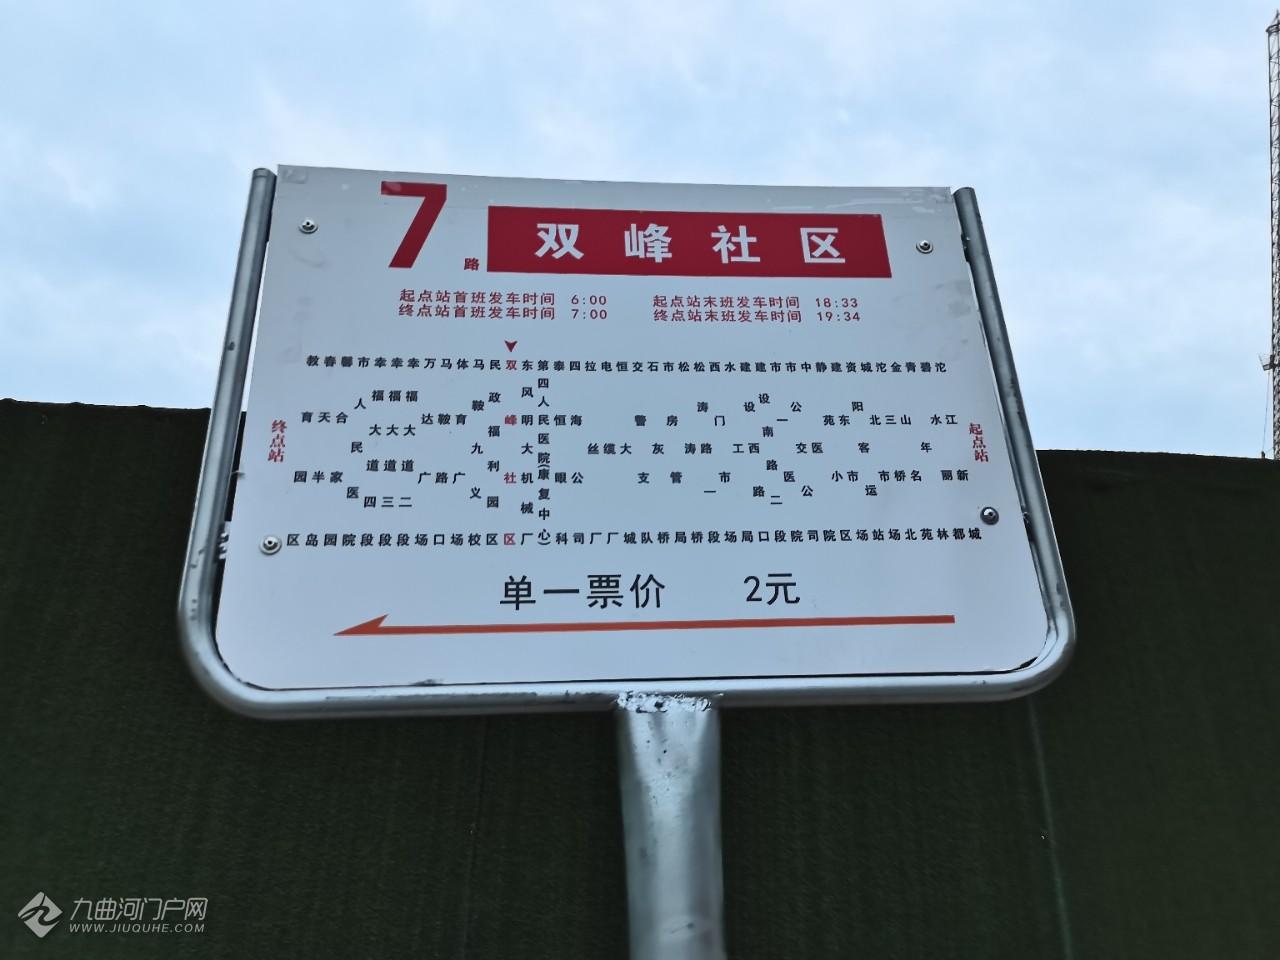 資陽公交7路車即將變更路線,公交站牌都立起來了!置地城,凱旋國際等沿線出行更方便了